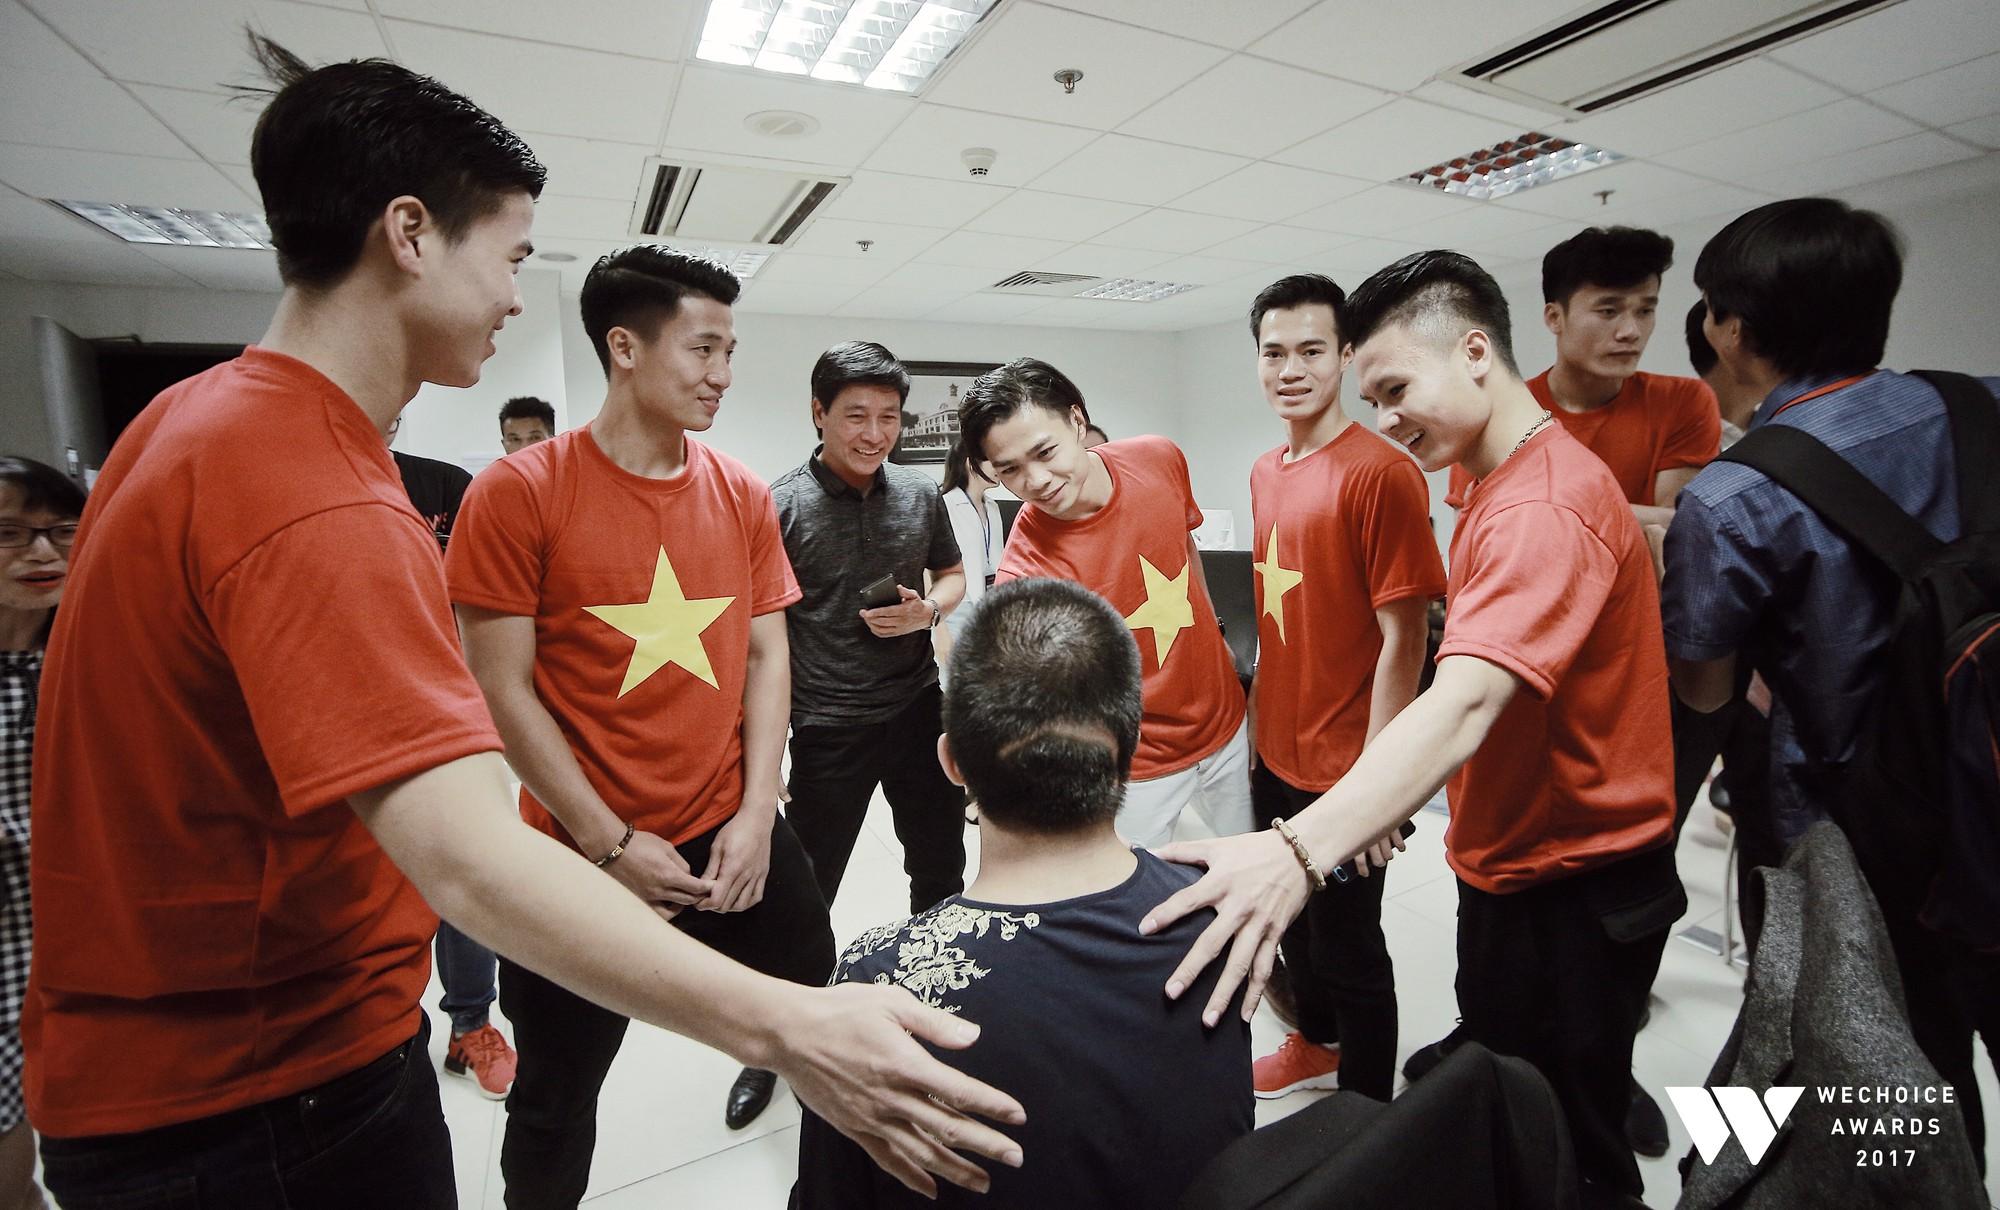 Khoảnh khắc WeChoice Awards: Đẹp nhất là khi Sơn Tùng, bé Bôm và các nghệ sĩ Việt cùng chậm lại trong dòng cảm xúc vỡ òa - Ảnh 3.